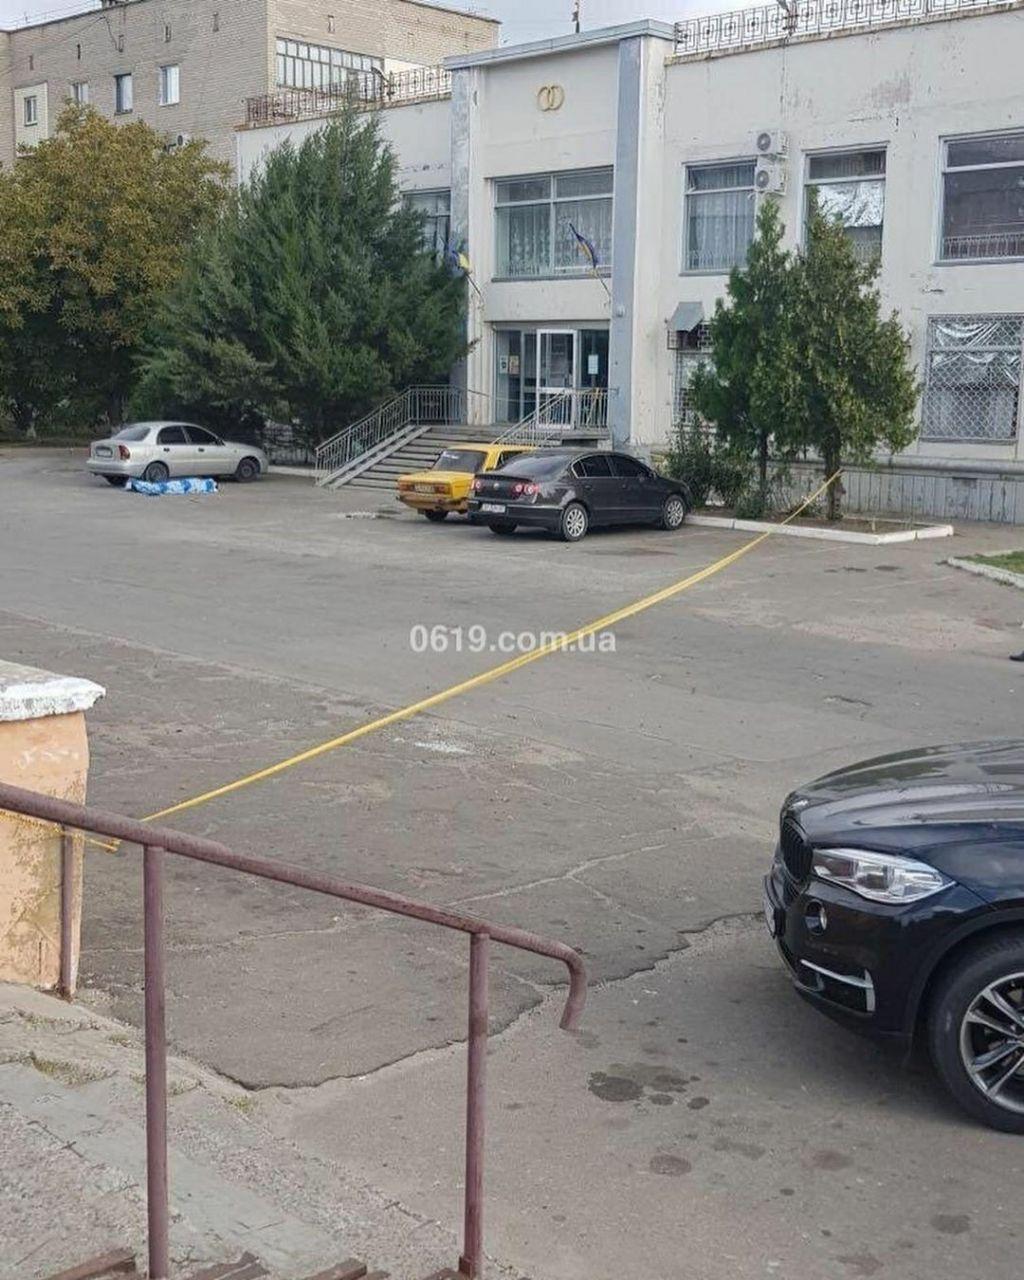 В Запорожской области убит заместитель Акимовской ОТГ. Появилась ориентировка на убийцу (Фото)